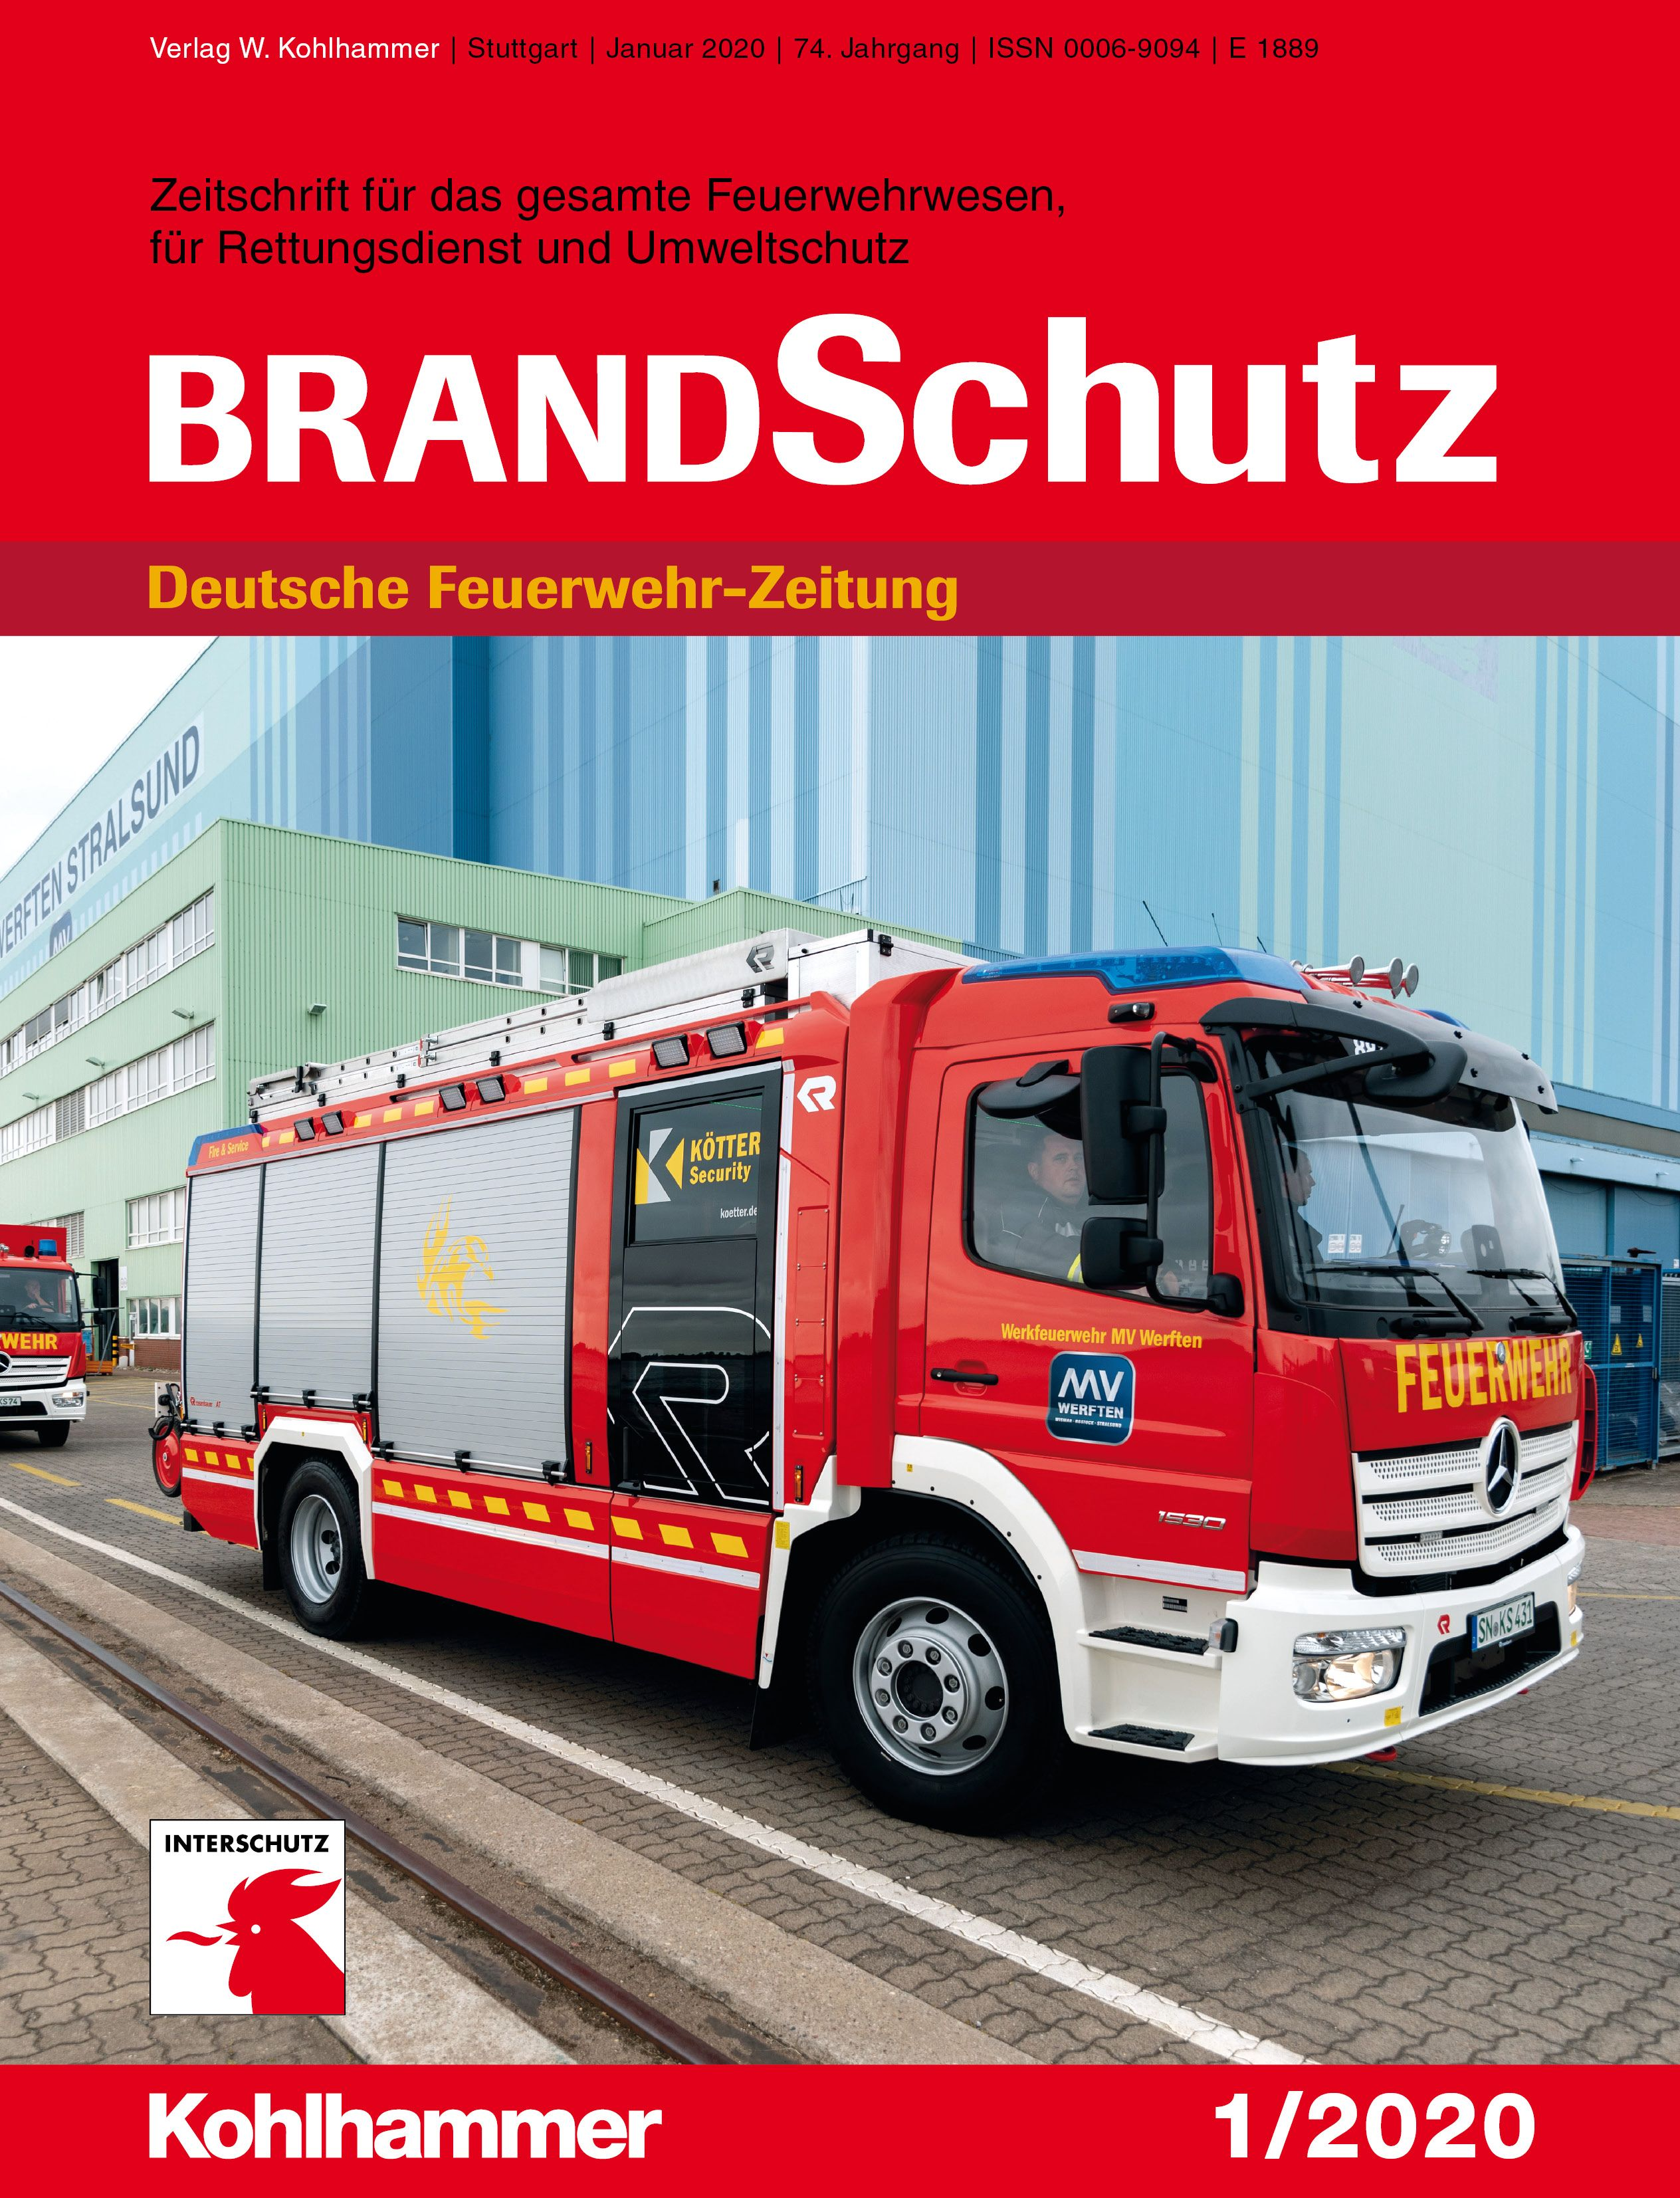 """Prototyp """"erwischt"""" Feuerwehr en 2020"""